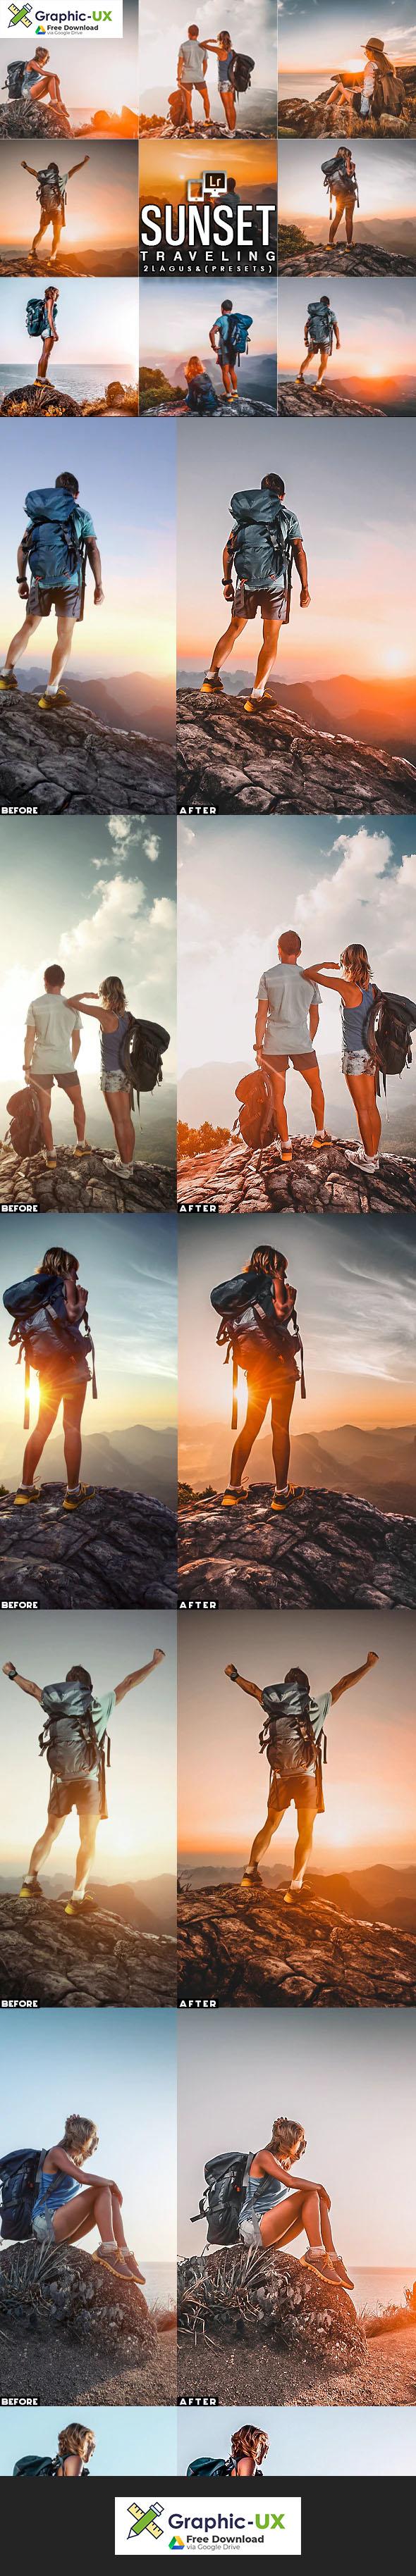 Sunset Traveling 7 Presets (Mobile & Desktop)